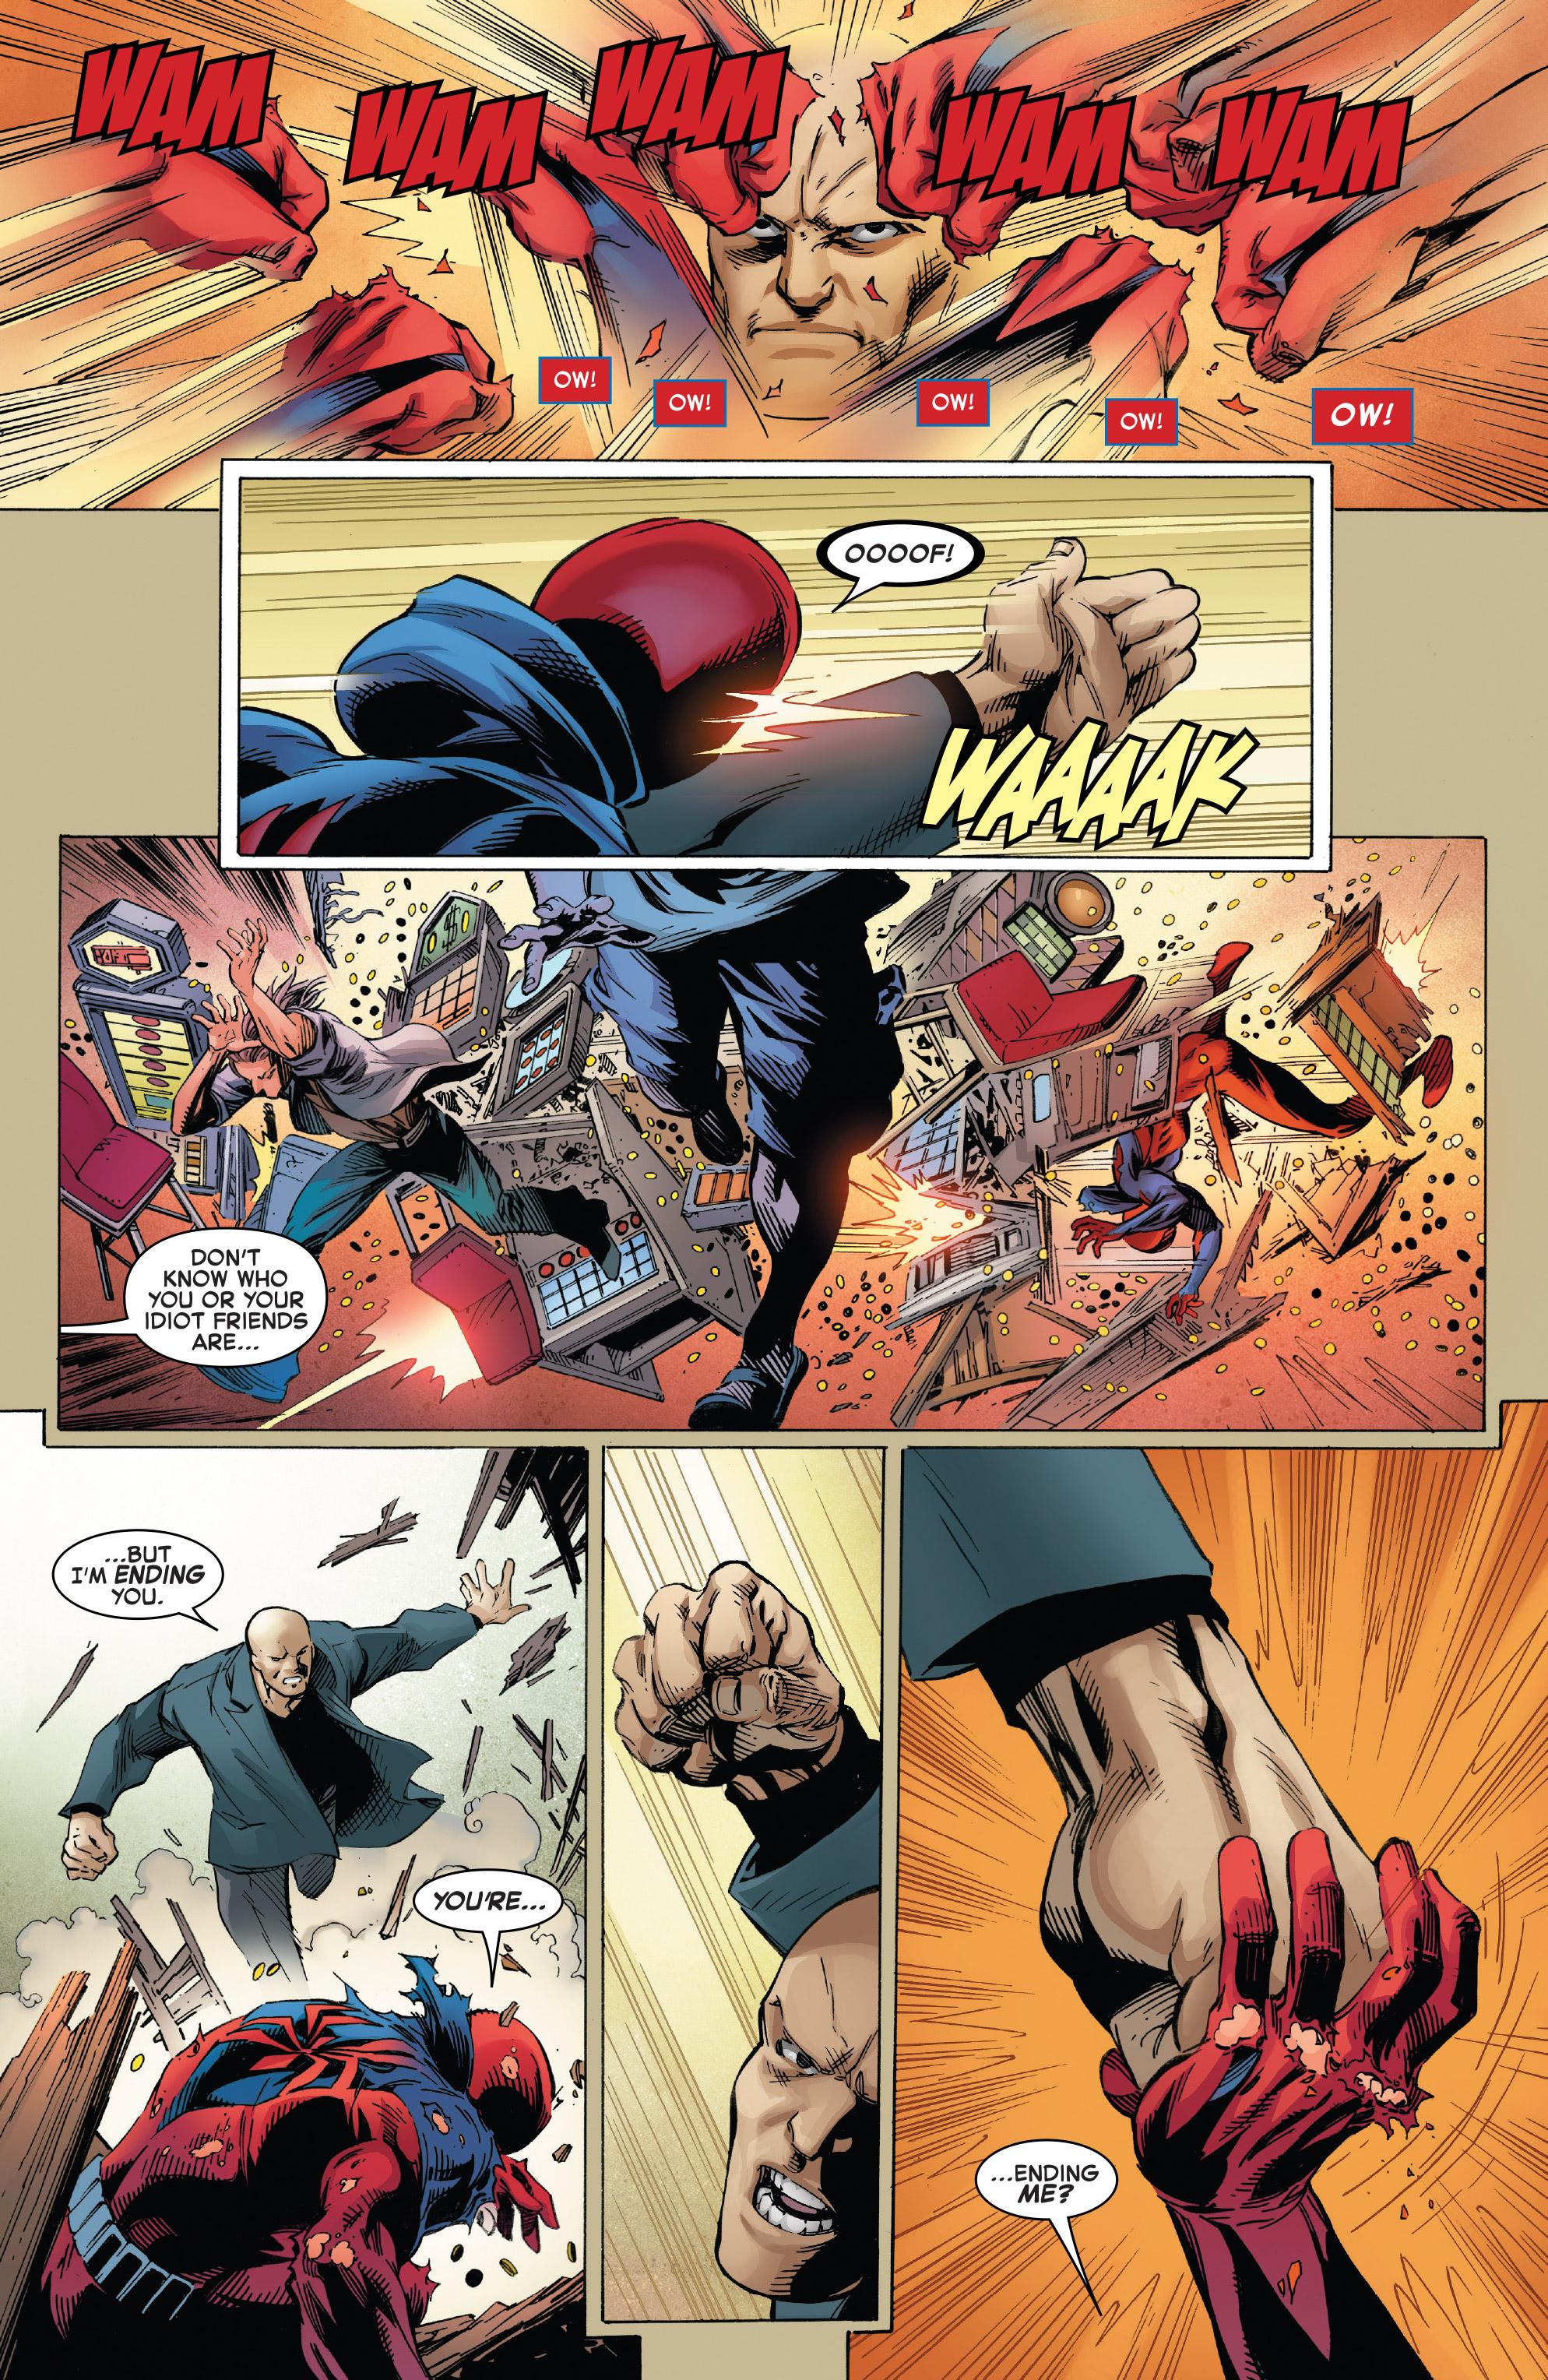 Read online Ben Reilly: Scarlet Spider comic -  Issue #3 - 19